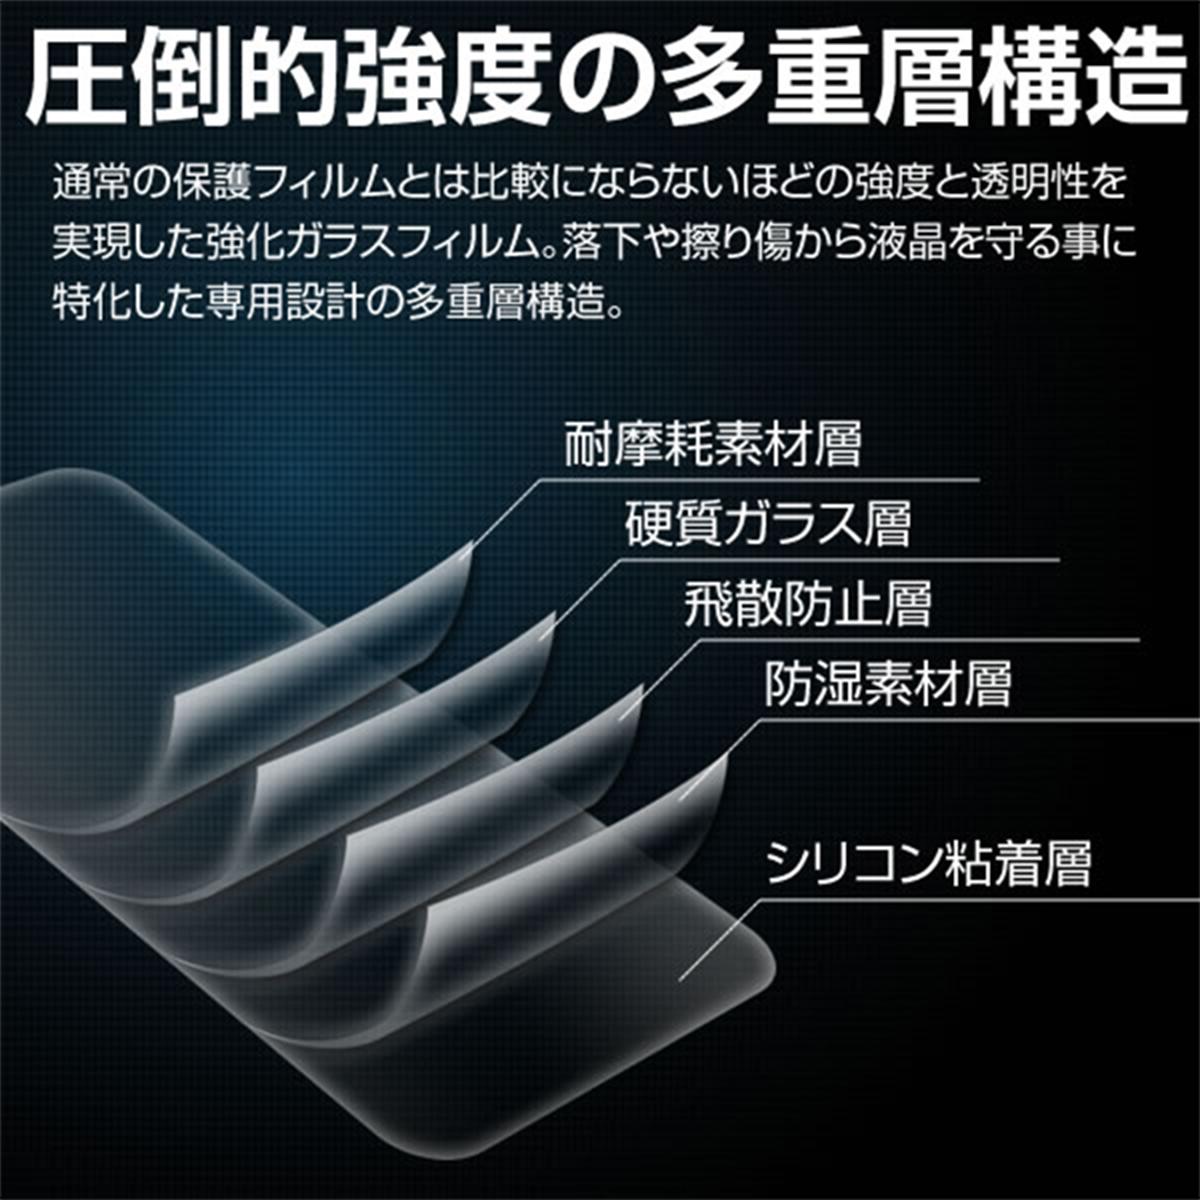 Rakuten Mini 強化ガラス保護フィルム 9H